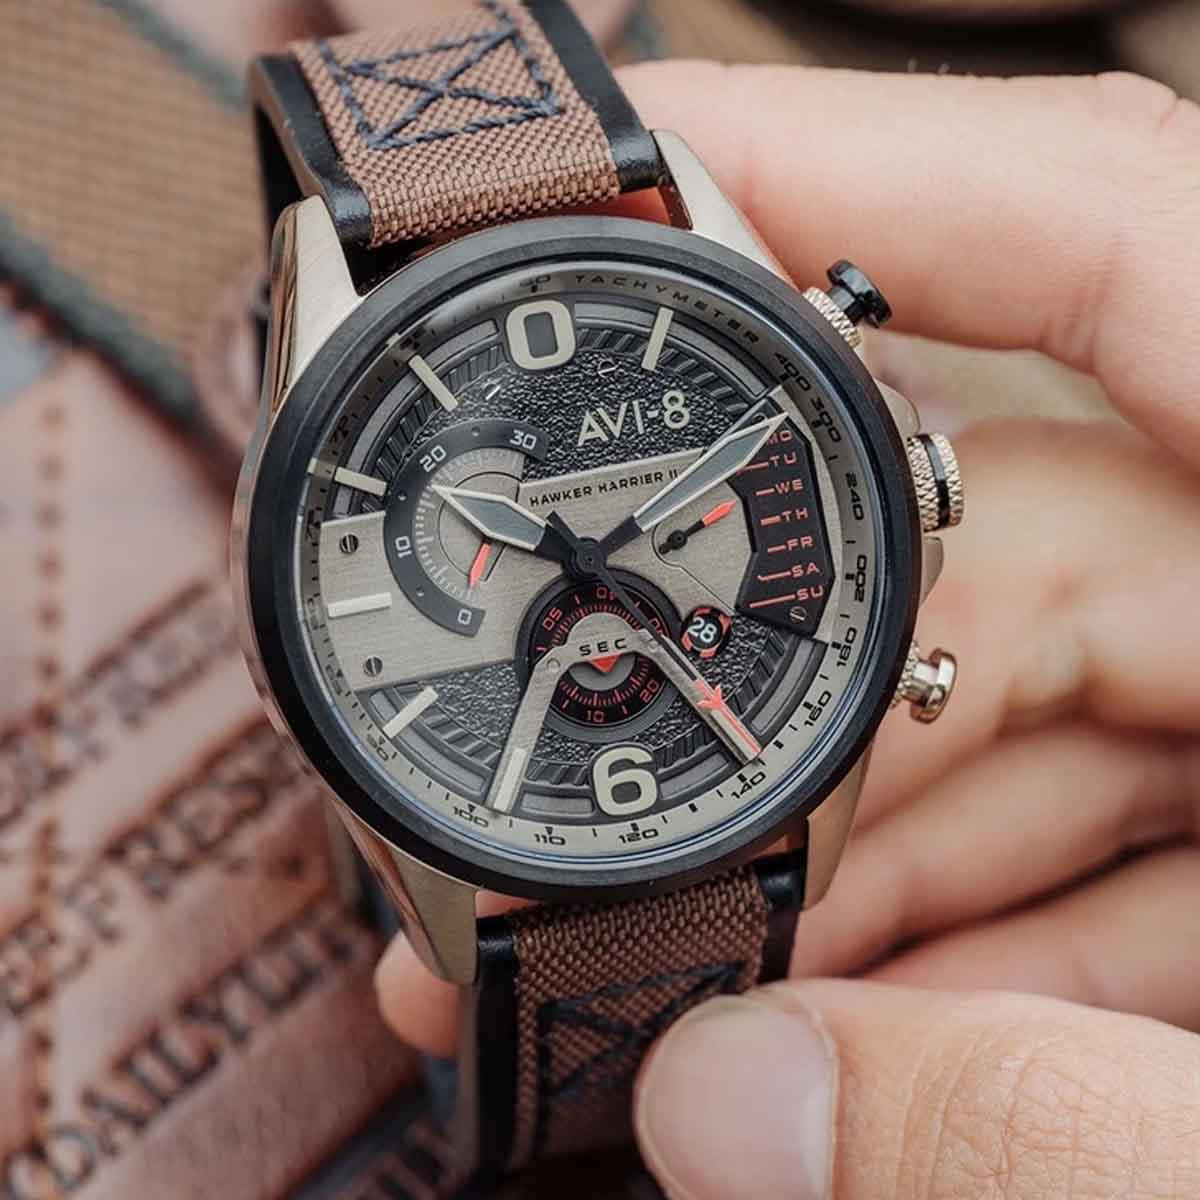 Montre Homme AVI-8 HAWKER HARRIER II Quartz Cadran noir  Bracelet cuir véritable et tissu